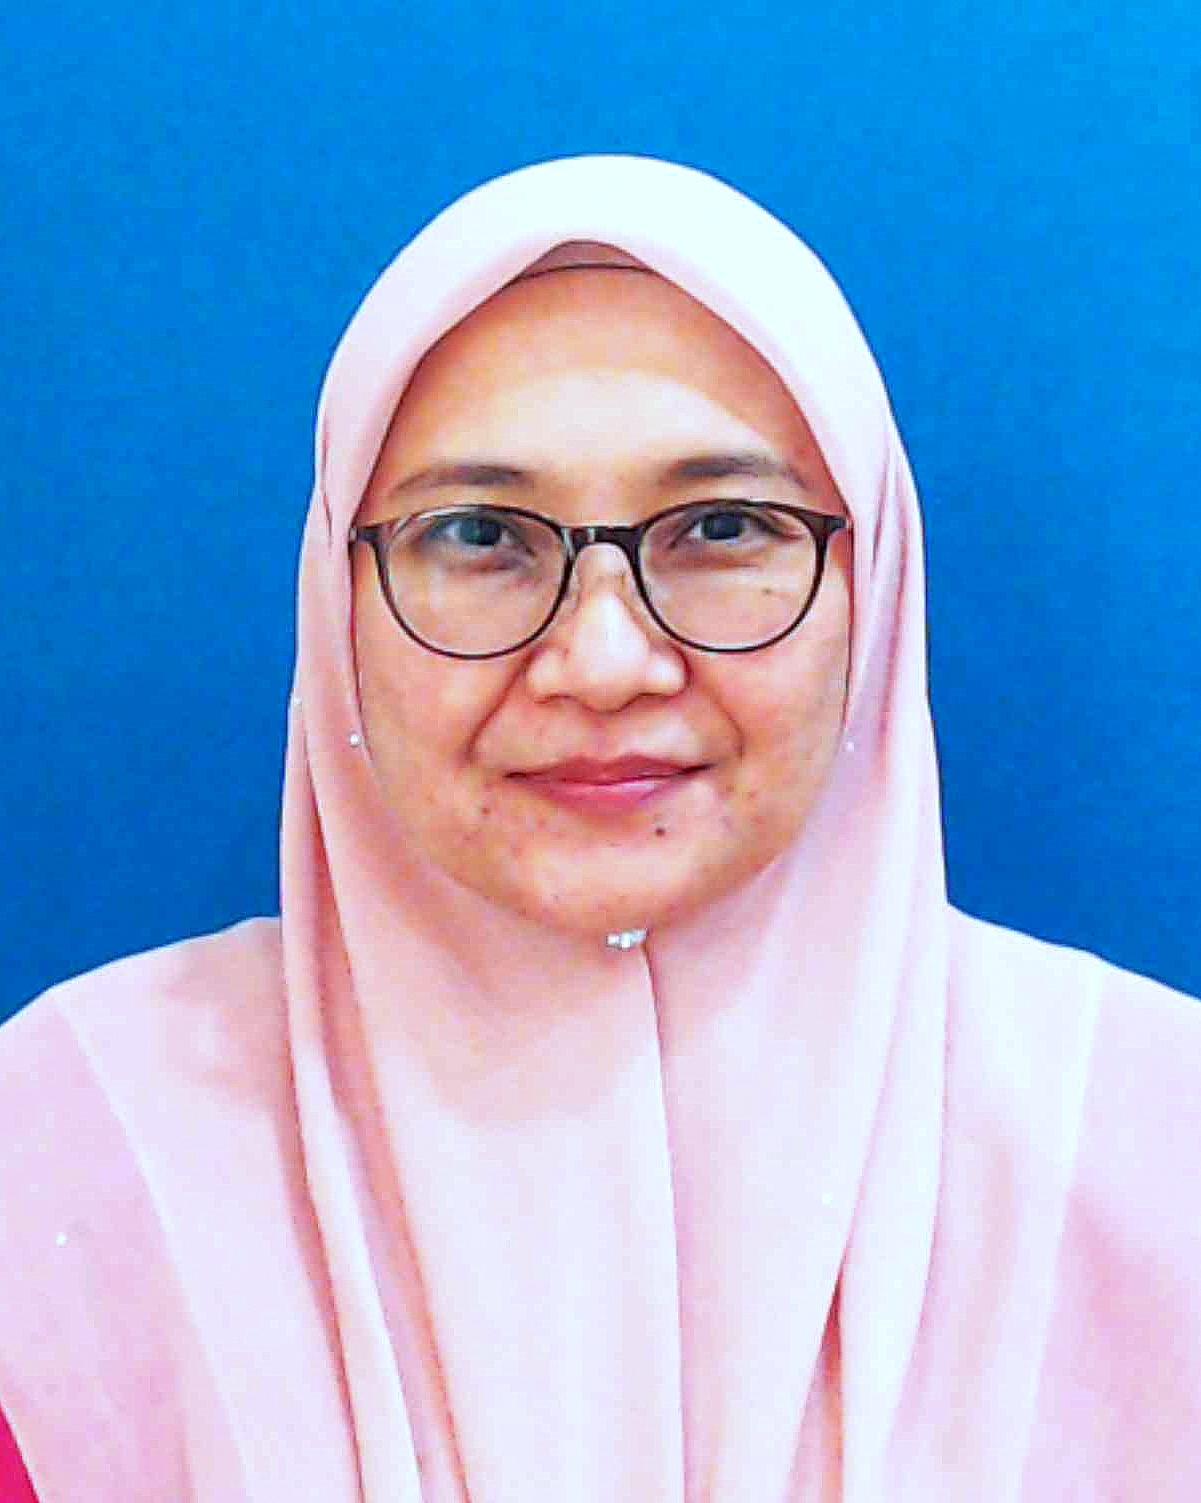 Wan Fathin Fariza Bt. Wan Mahmood